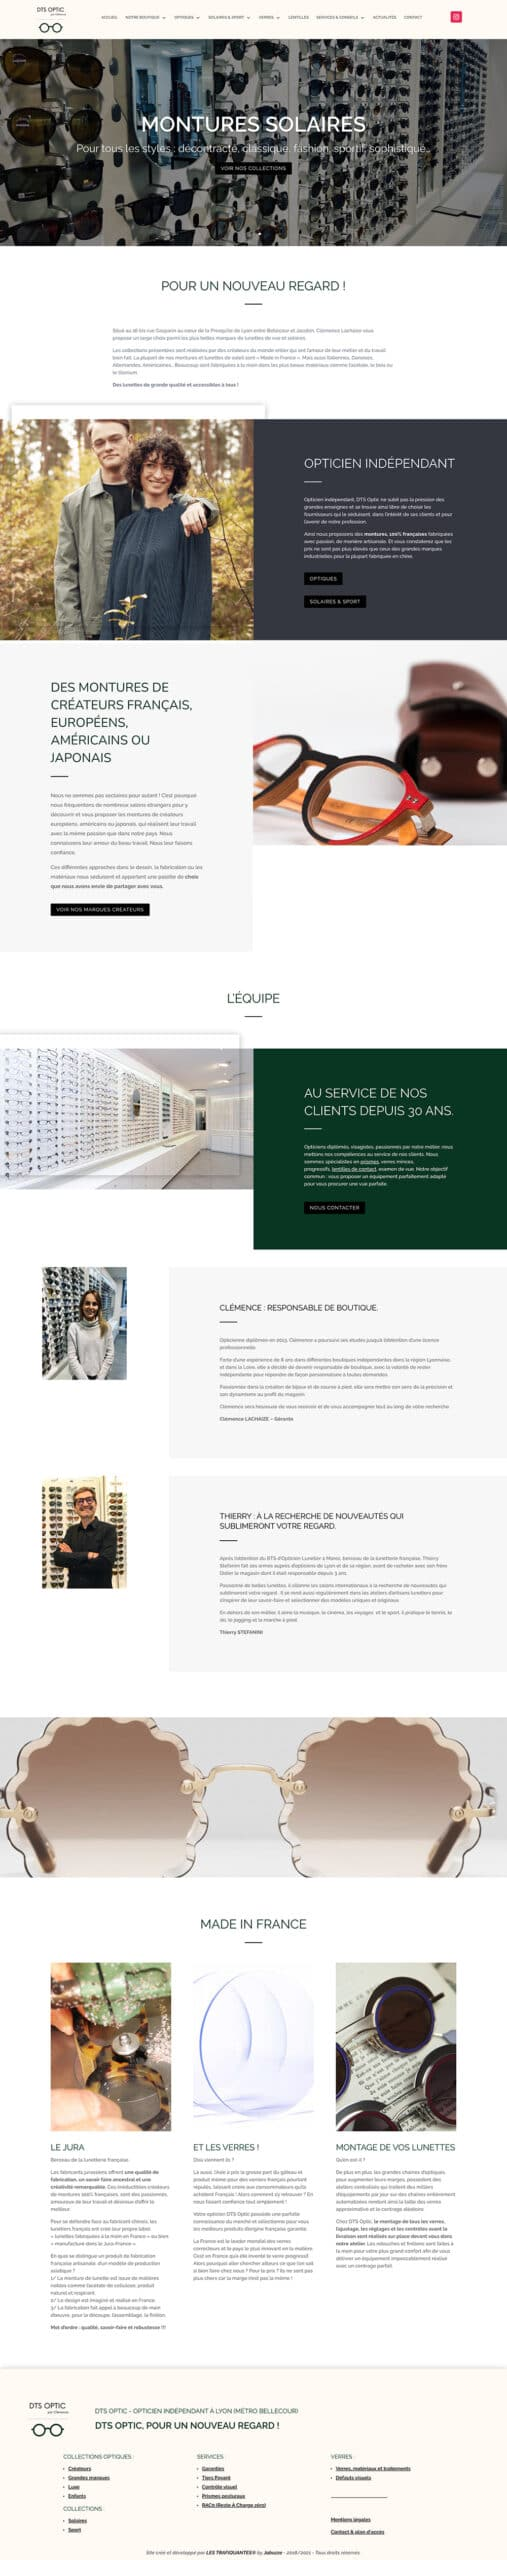 creation nouveau site web dts opticien lyon 2